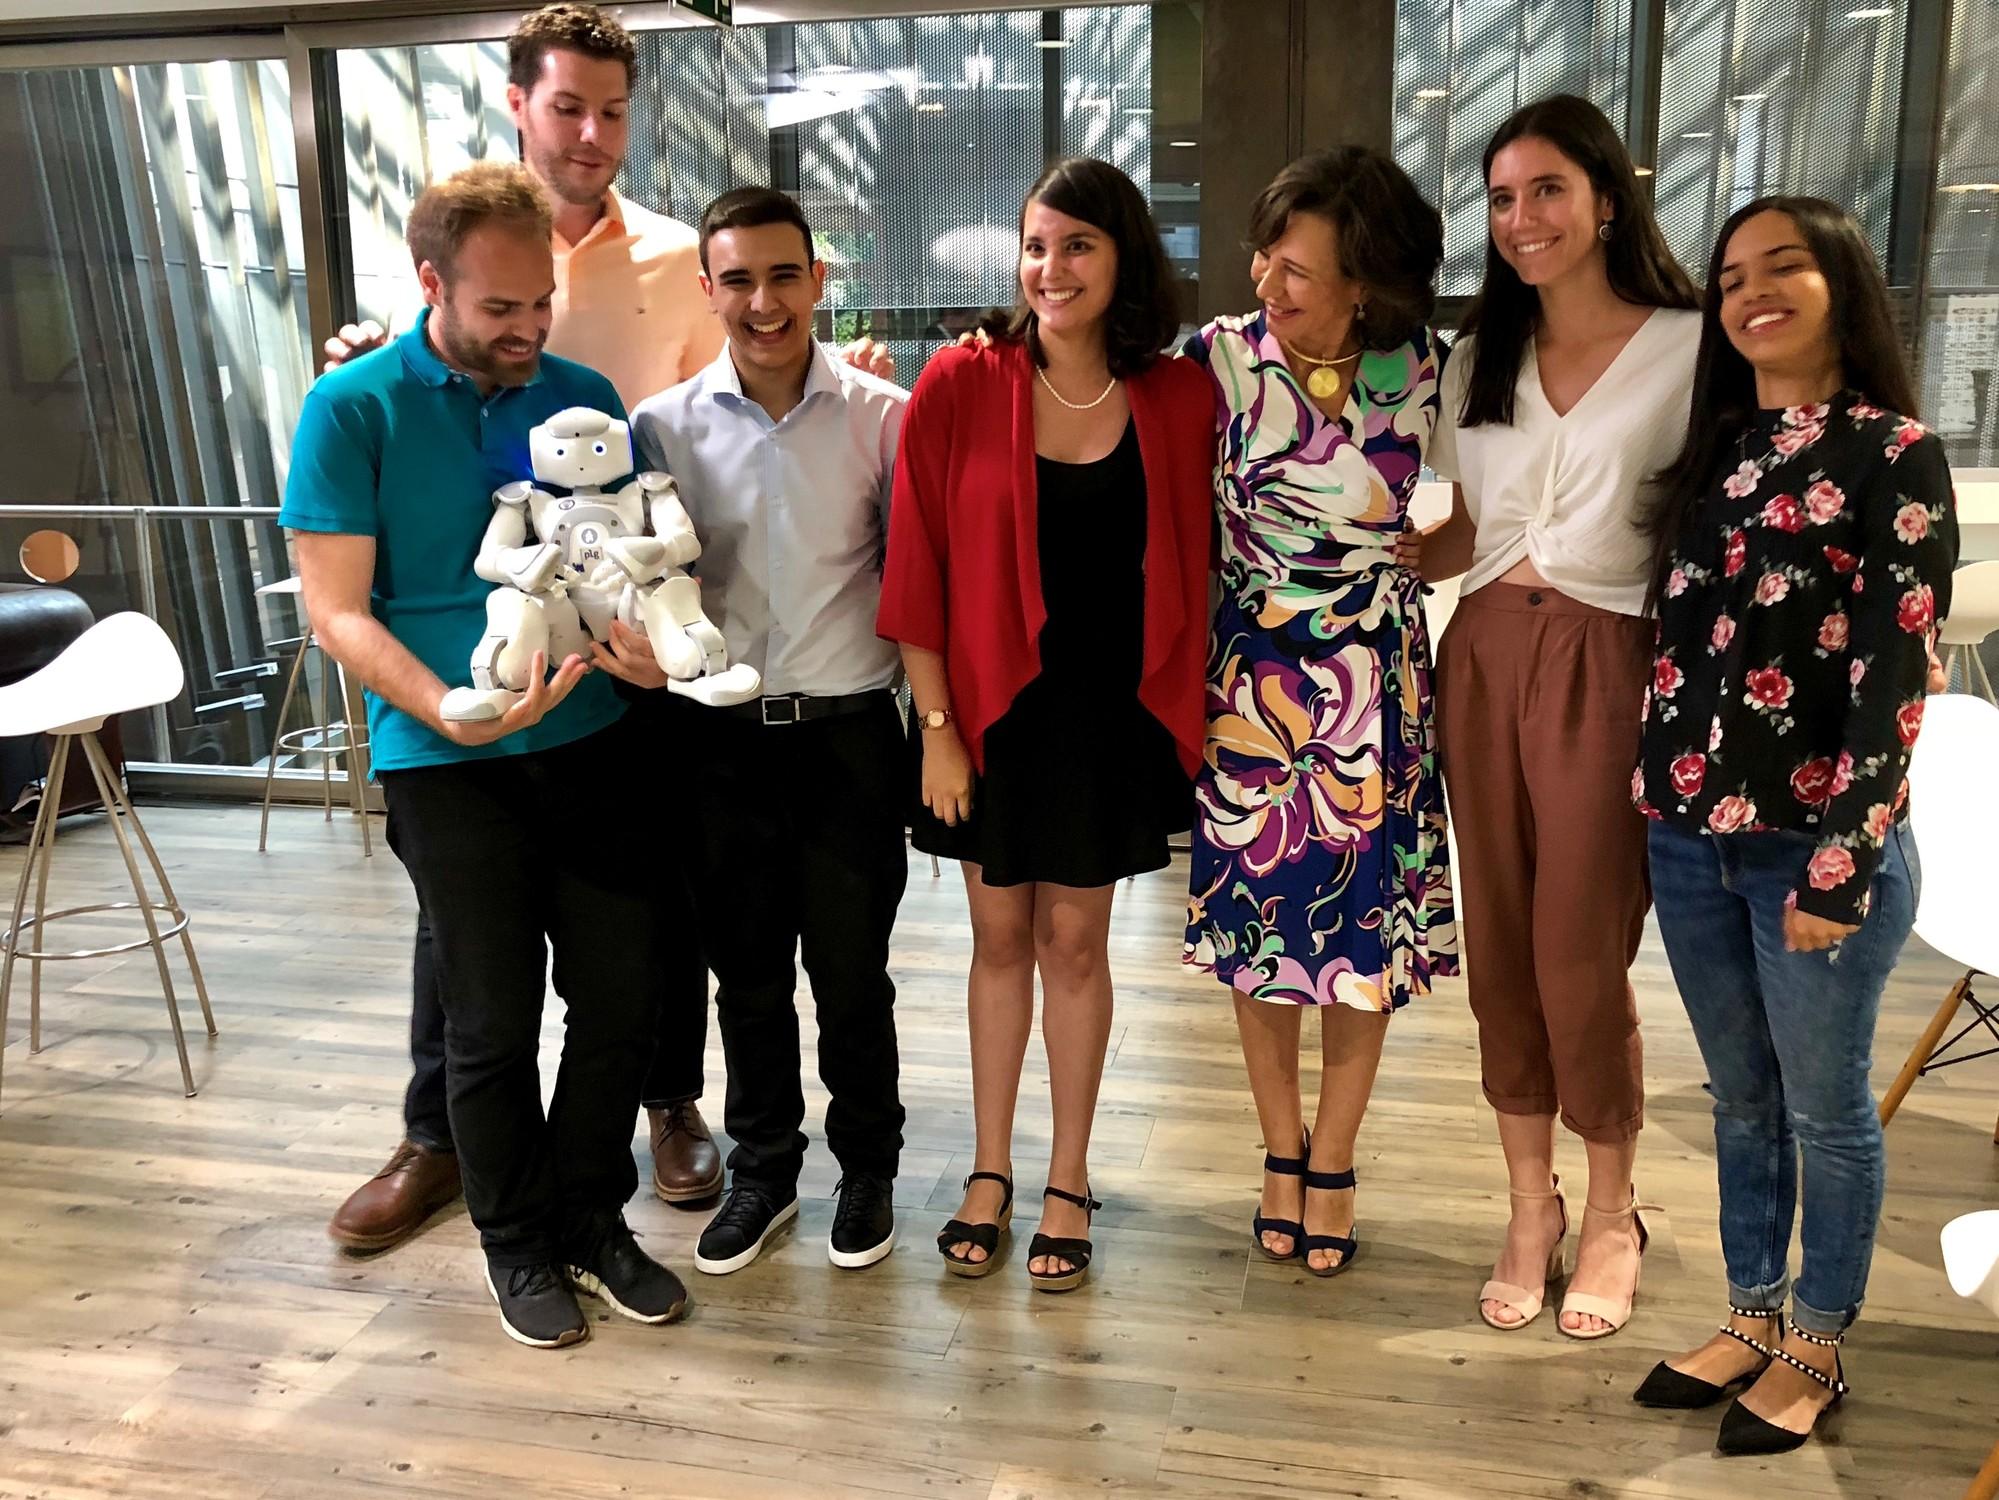 Ana Botín comparte historias de jóvenes emprendedores respaldados por Banco Santander